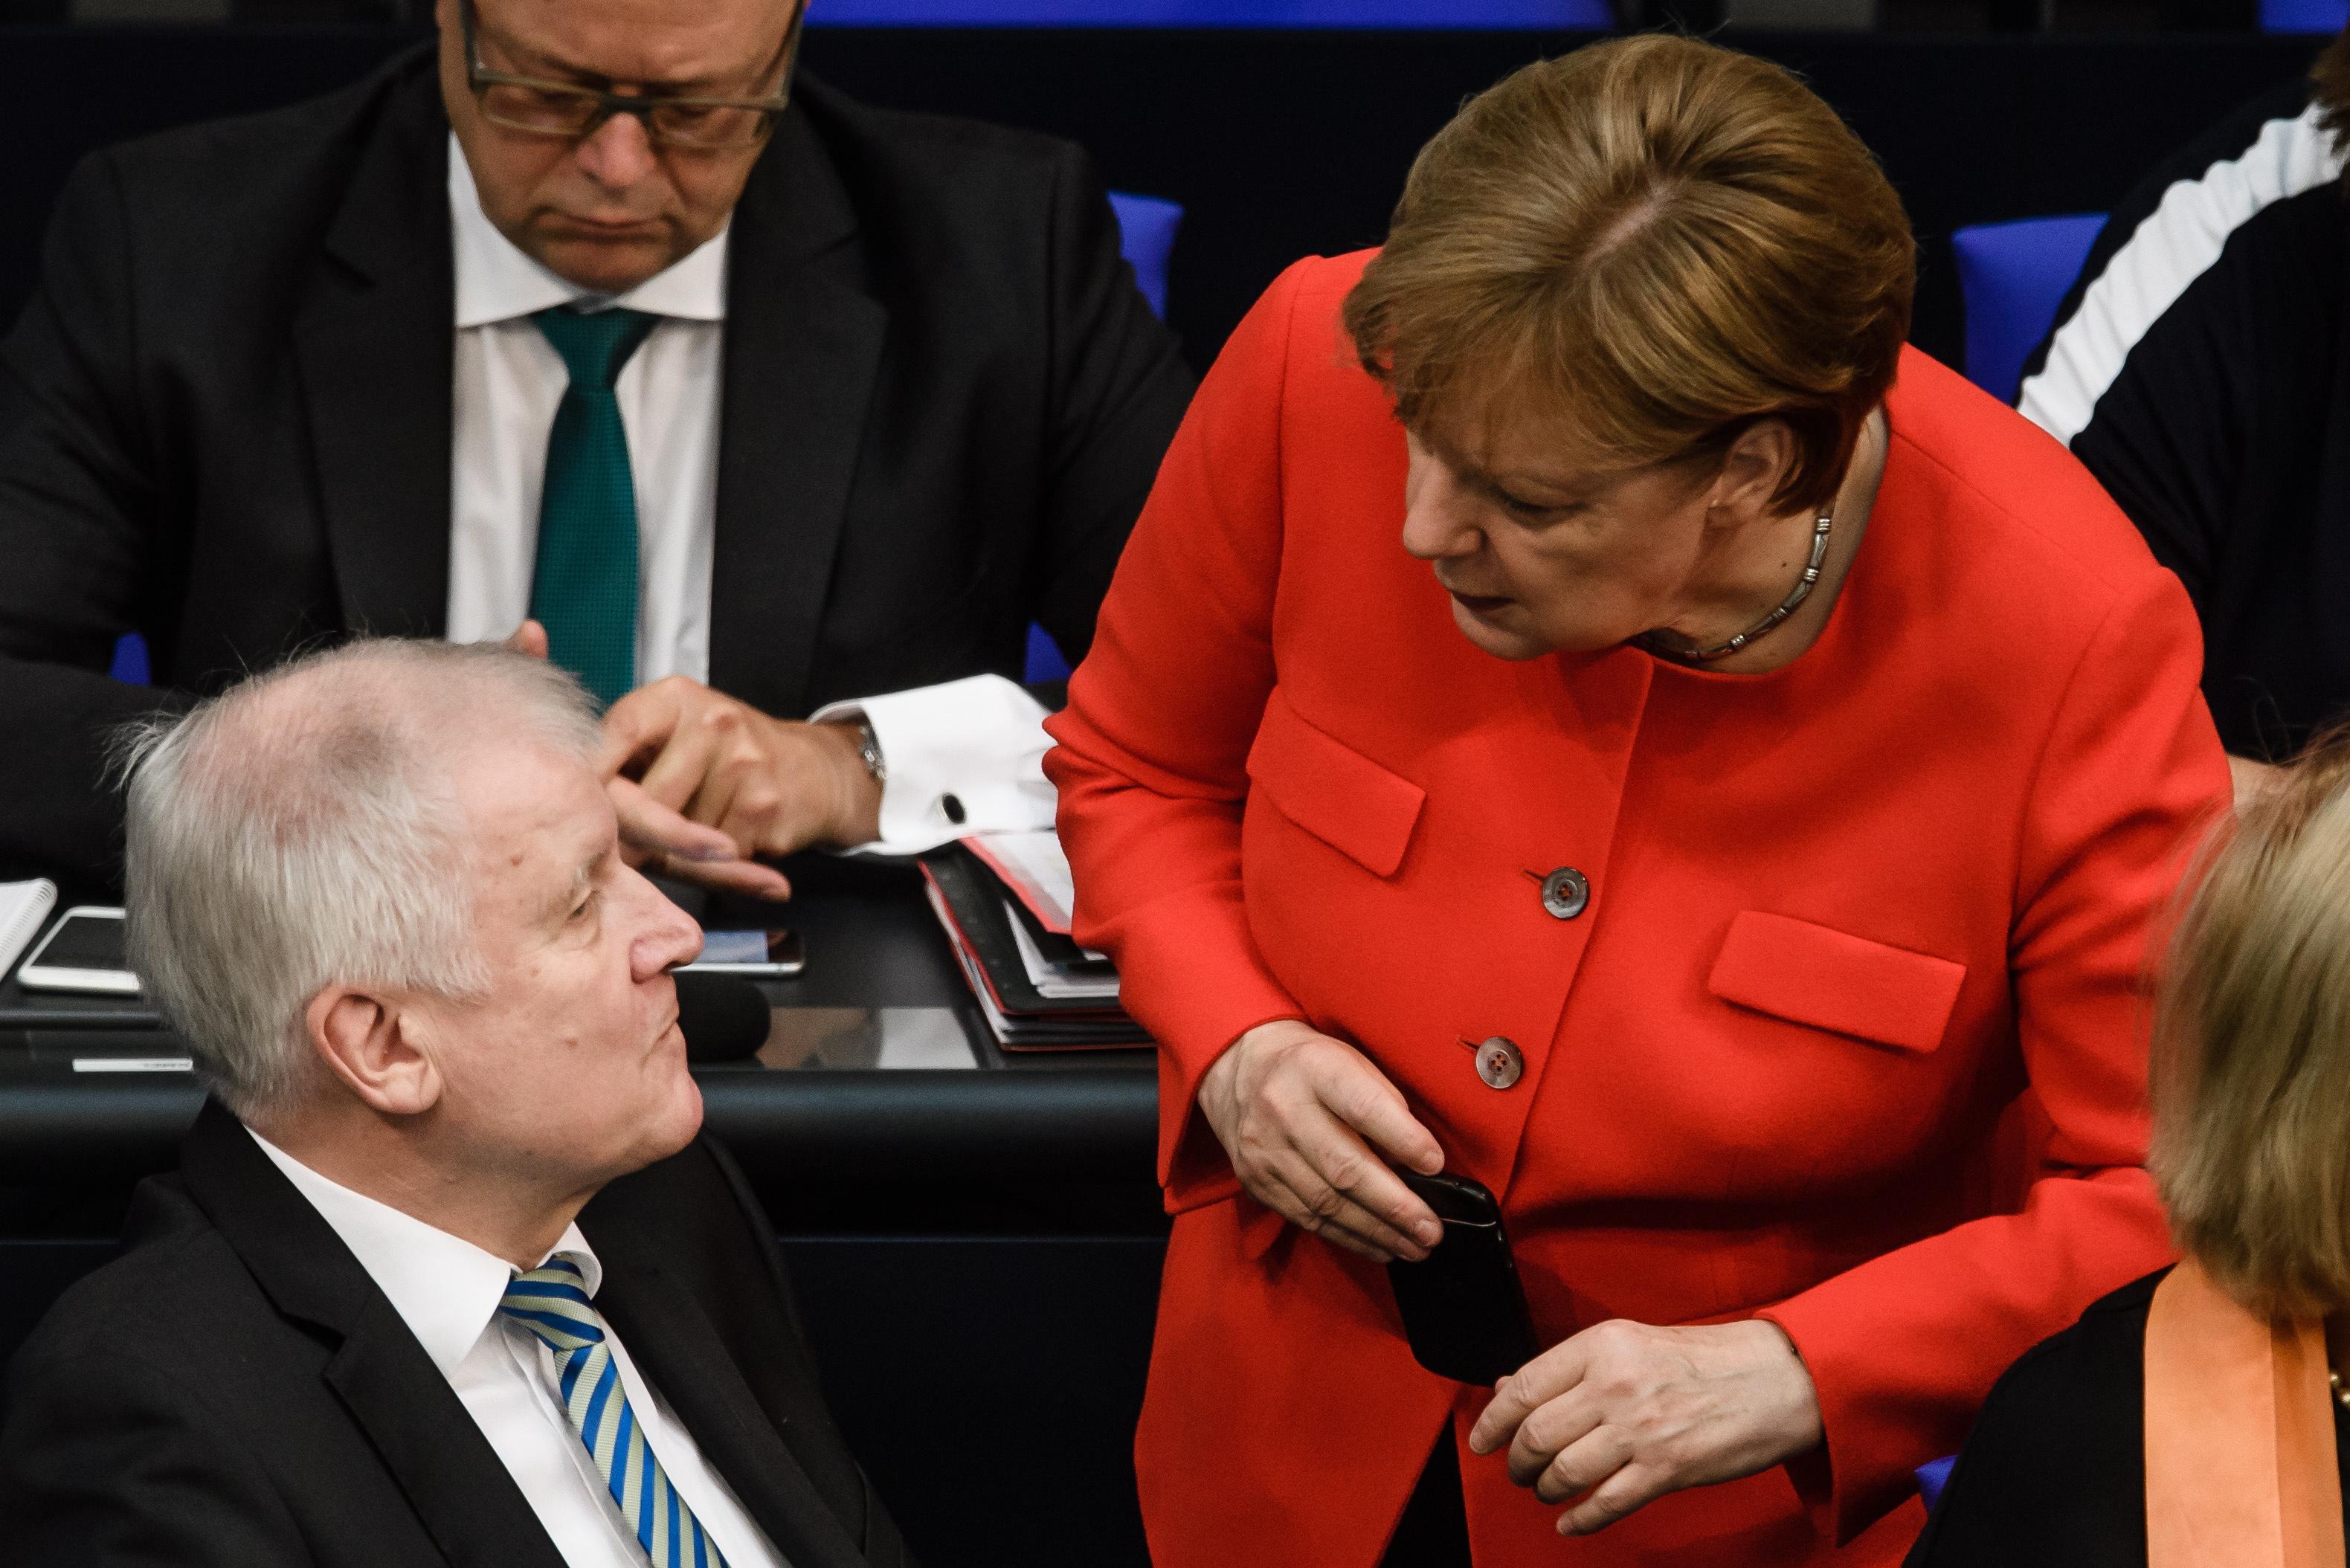 Njemački demokršćani gube podršku birača